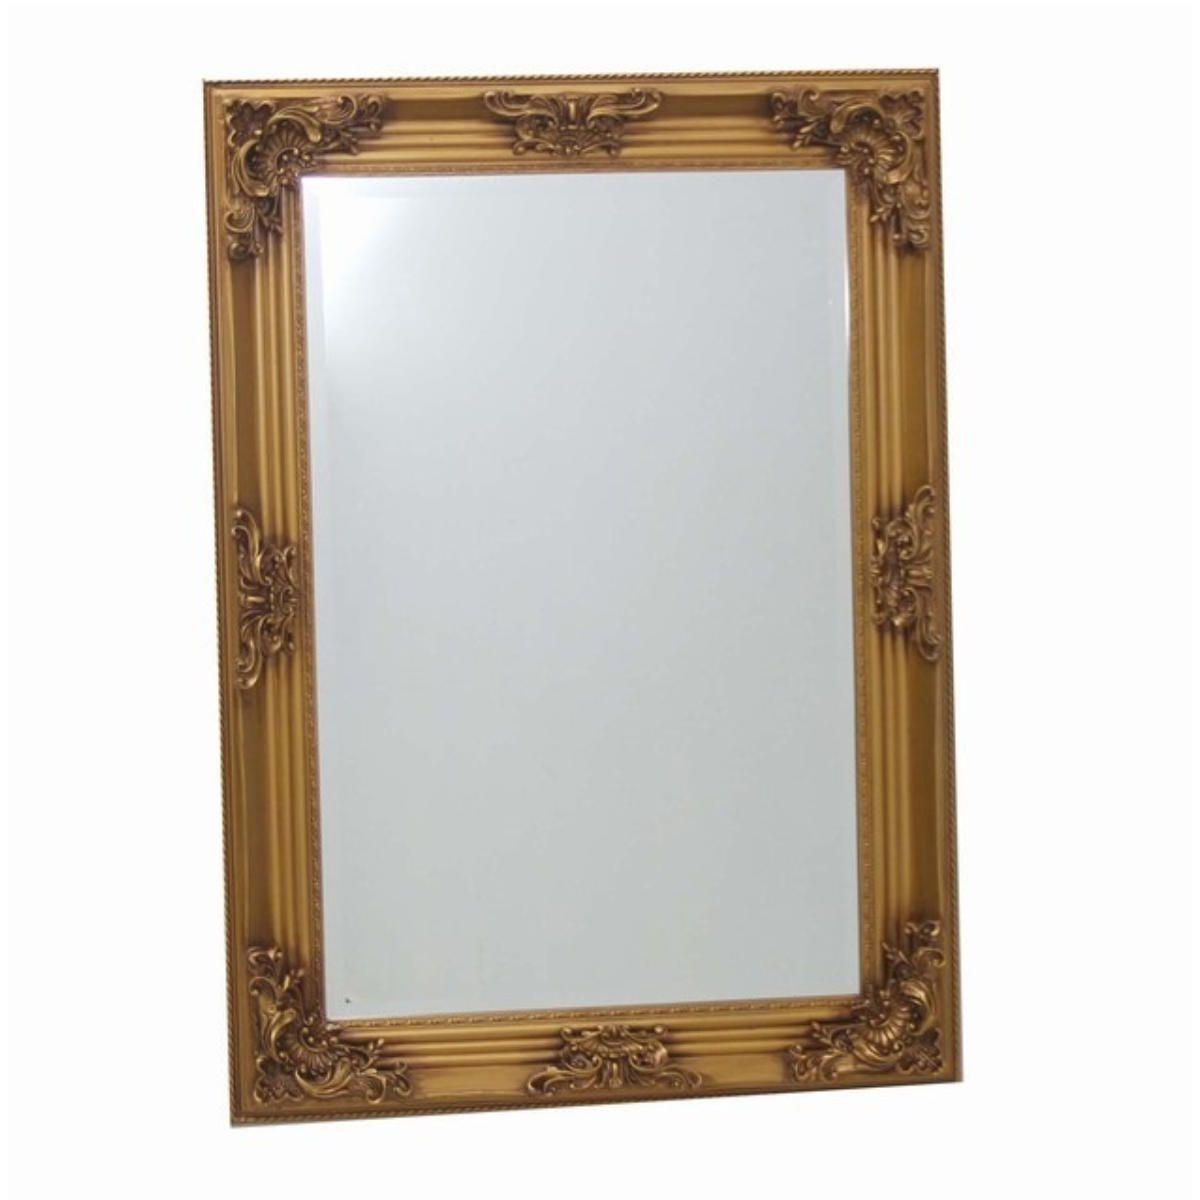 Espelho de Vidro com Moldura Trabalhada 106x77cm